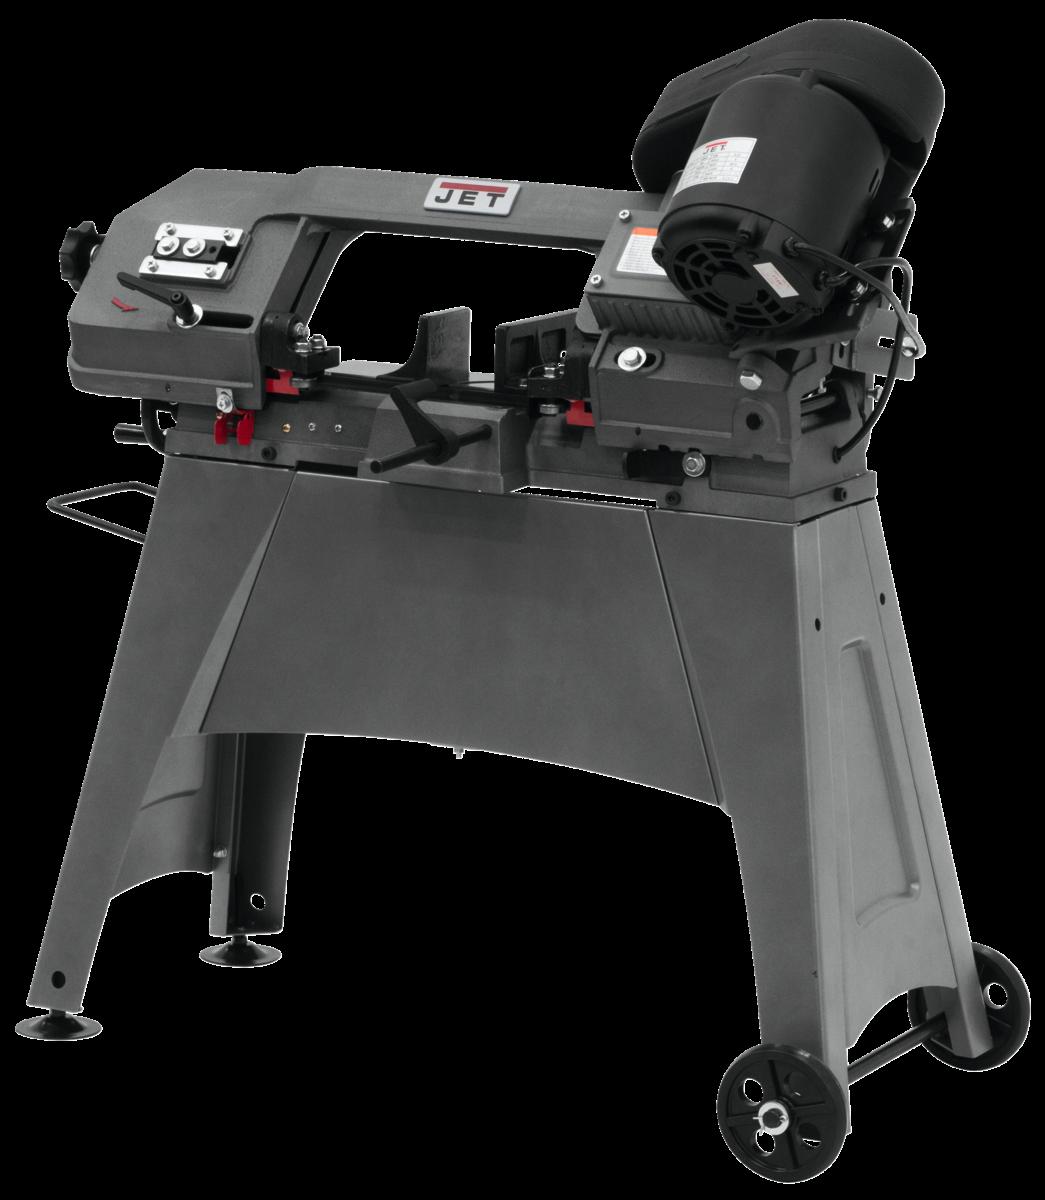 """HVBS-56M, sierra-cinta con capacidad de 5"""" x 6"""", 1/2 HP, monofásica, 115/230 V"""